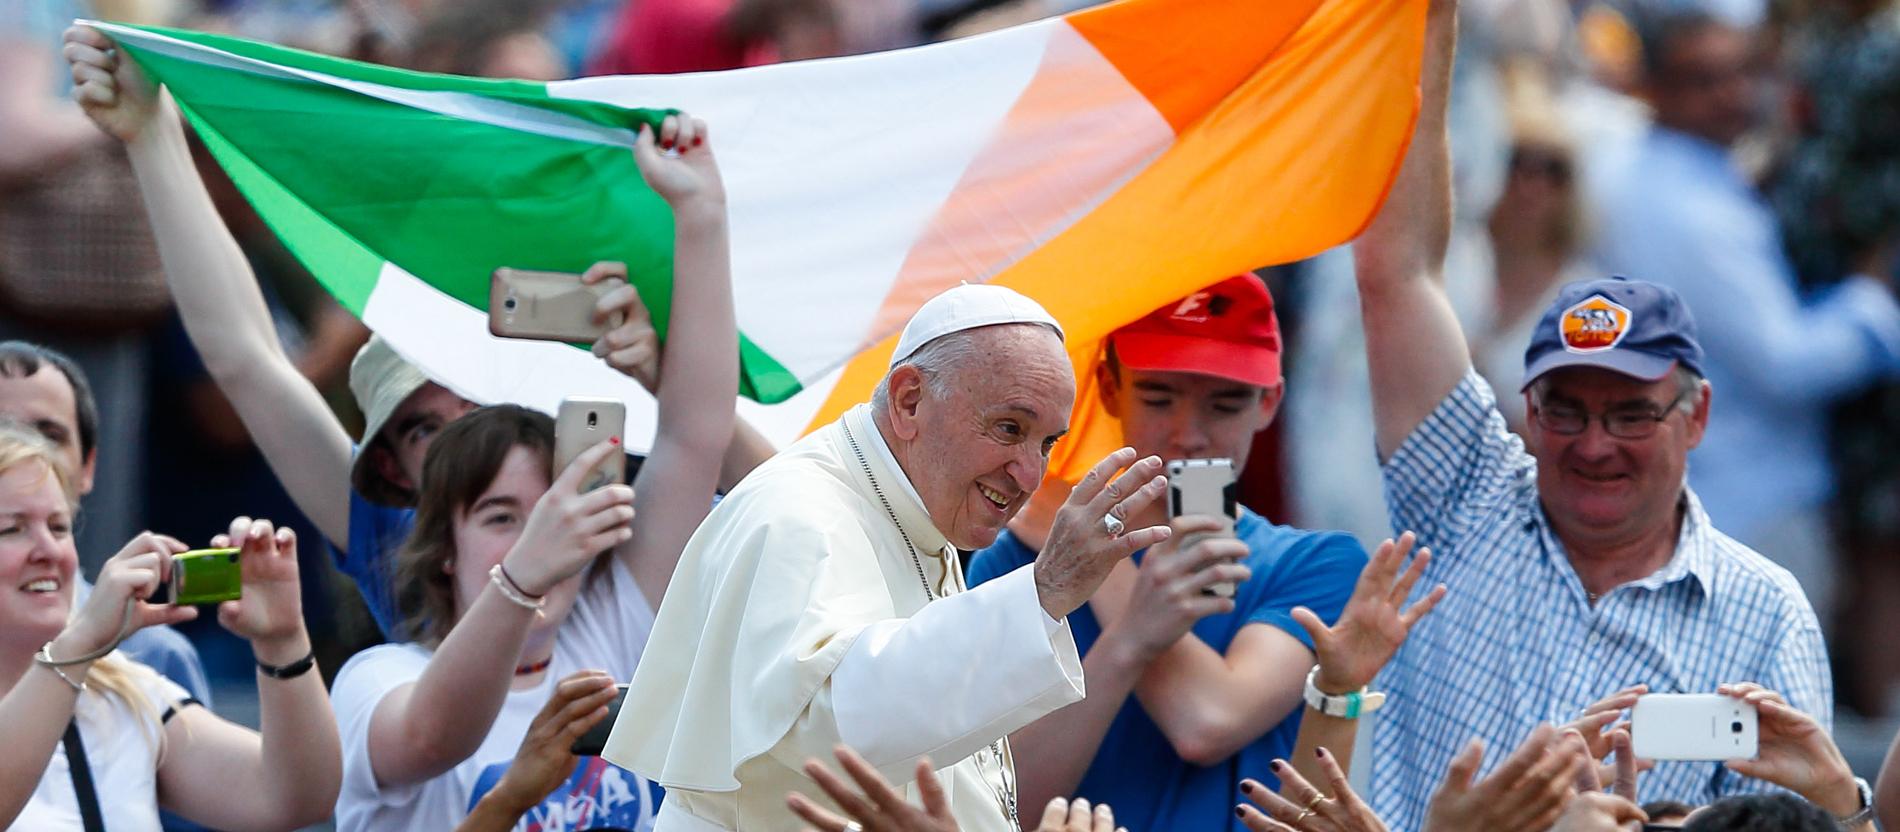 irland katholisch